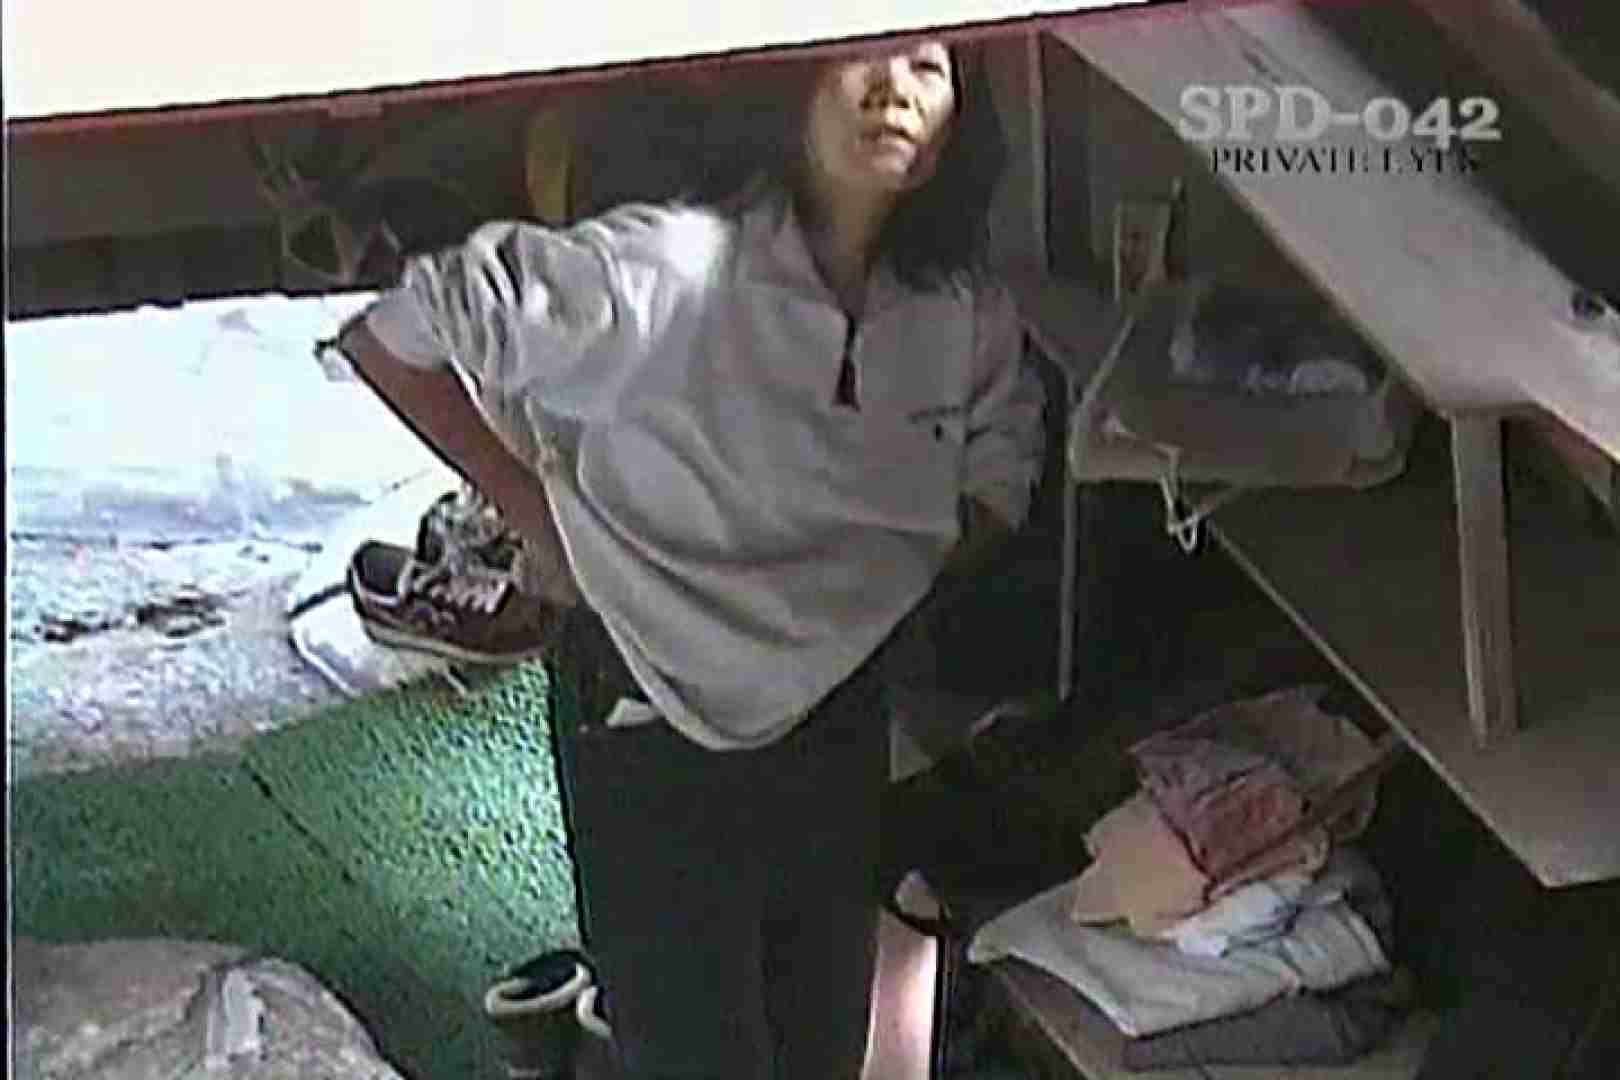 高画質版!SPD-042 新・潜入露天(七番湯) 名作映像 盗み撮り動画 108PIX 99